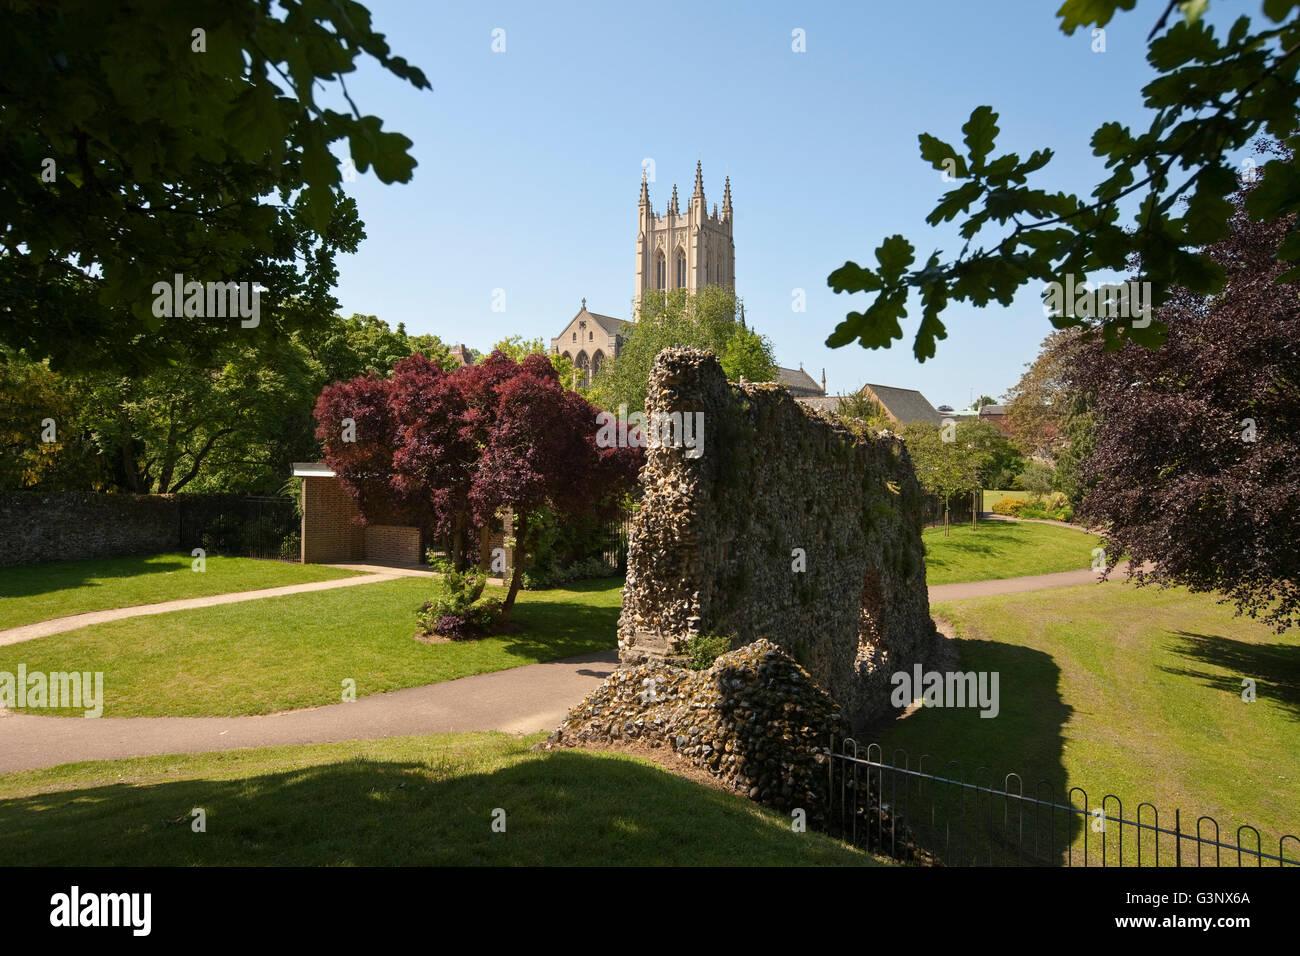 St Edmundsbury Cathedral Bury St Edmunds Suffolk England - Stock Image